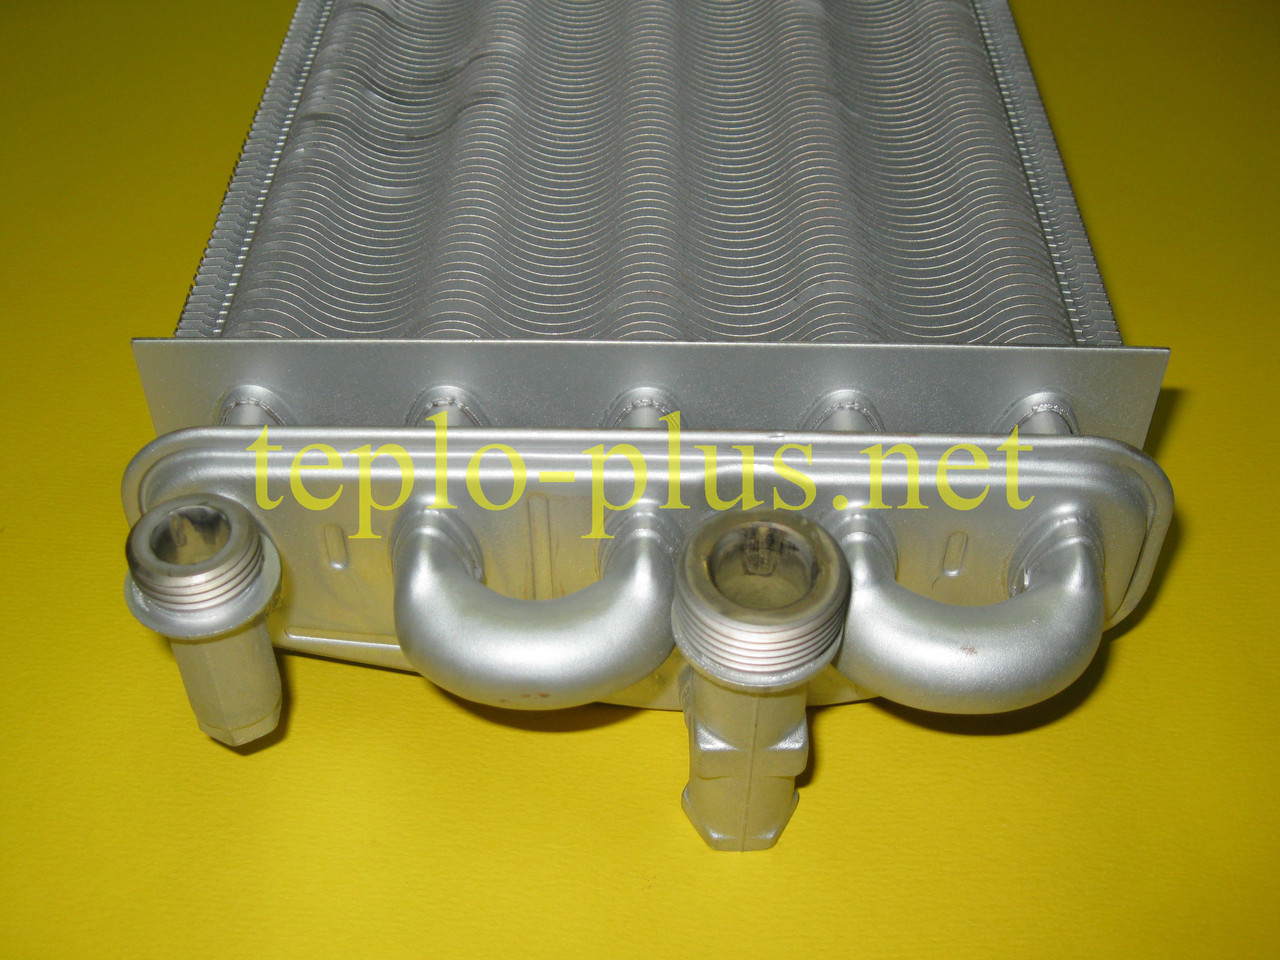 Теплообменник битермический24квт вес рекуператор воздухо-воздушный теплообменник